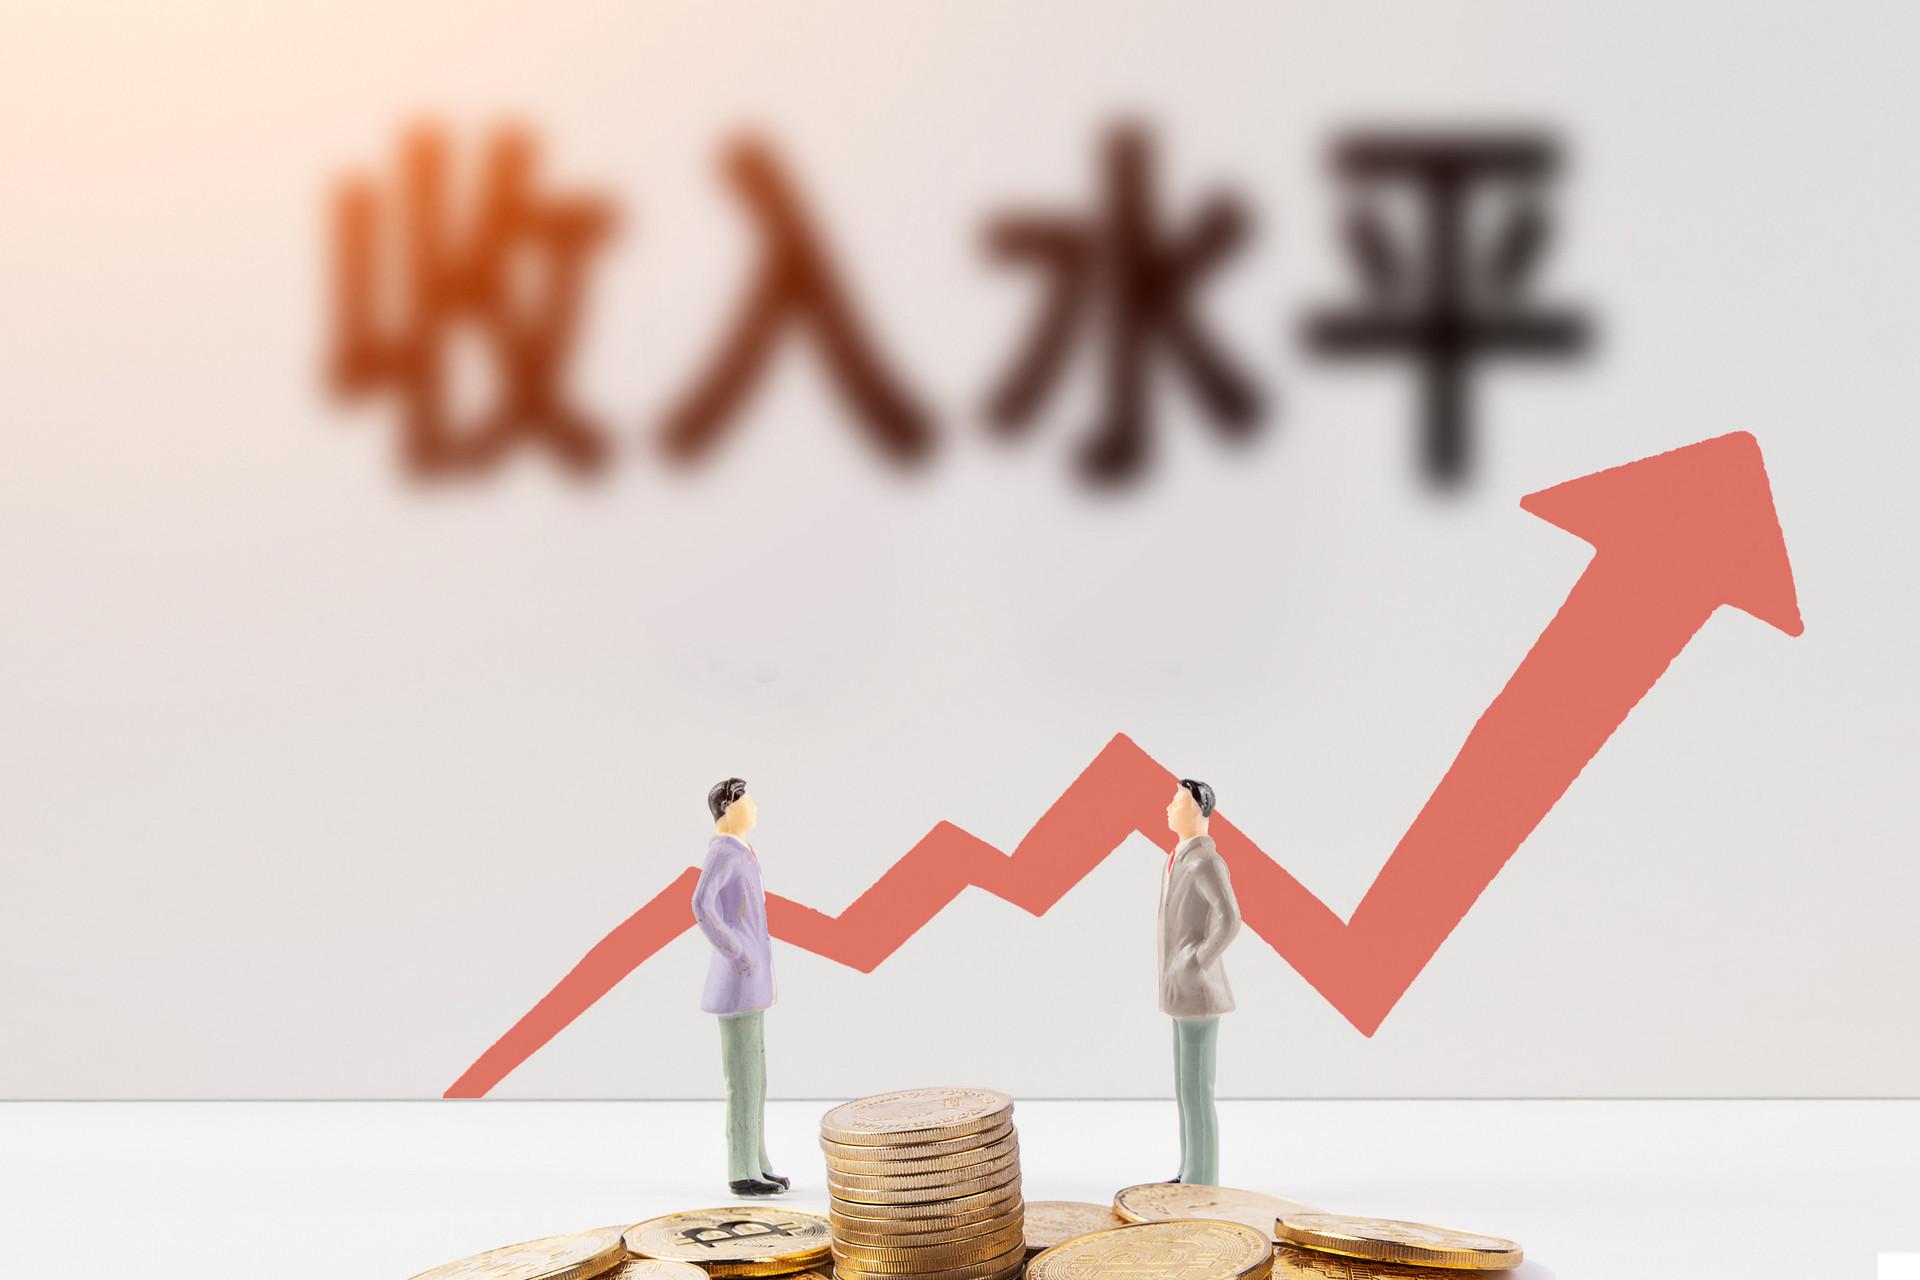 今年涨薪5%-8.5%?多地发布企业工资指导线,北京山西最高